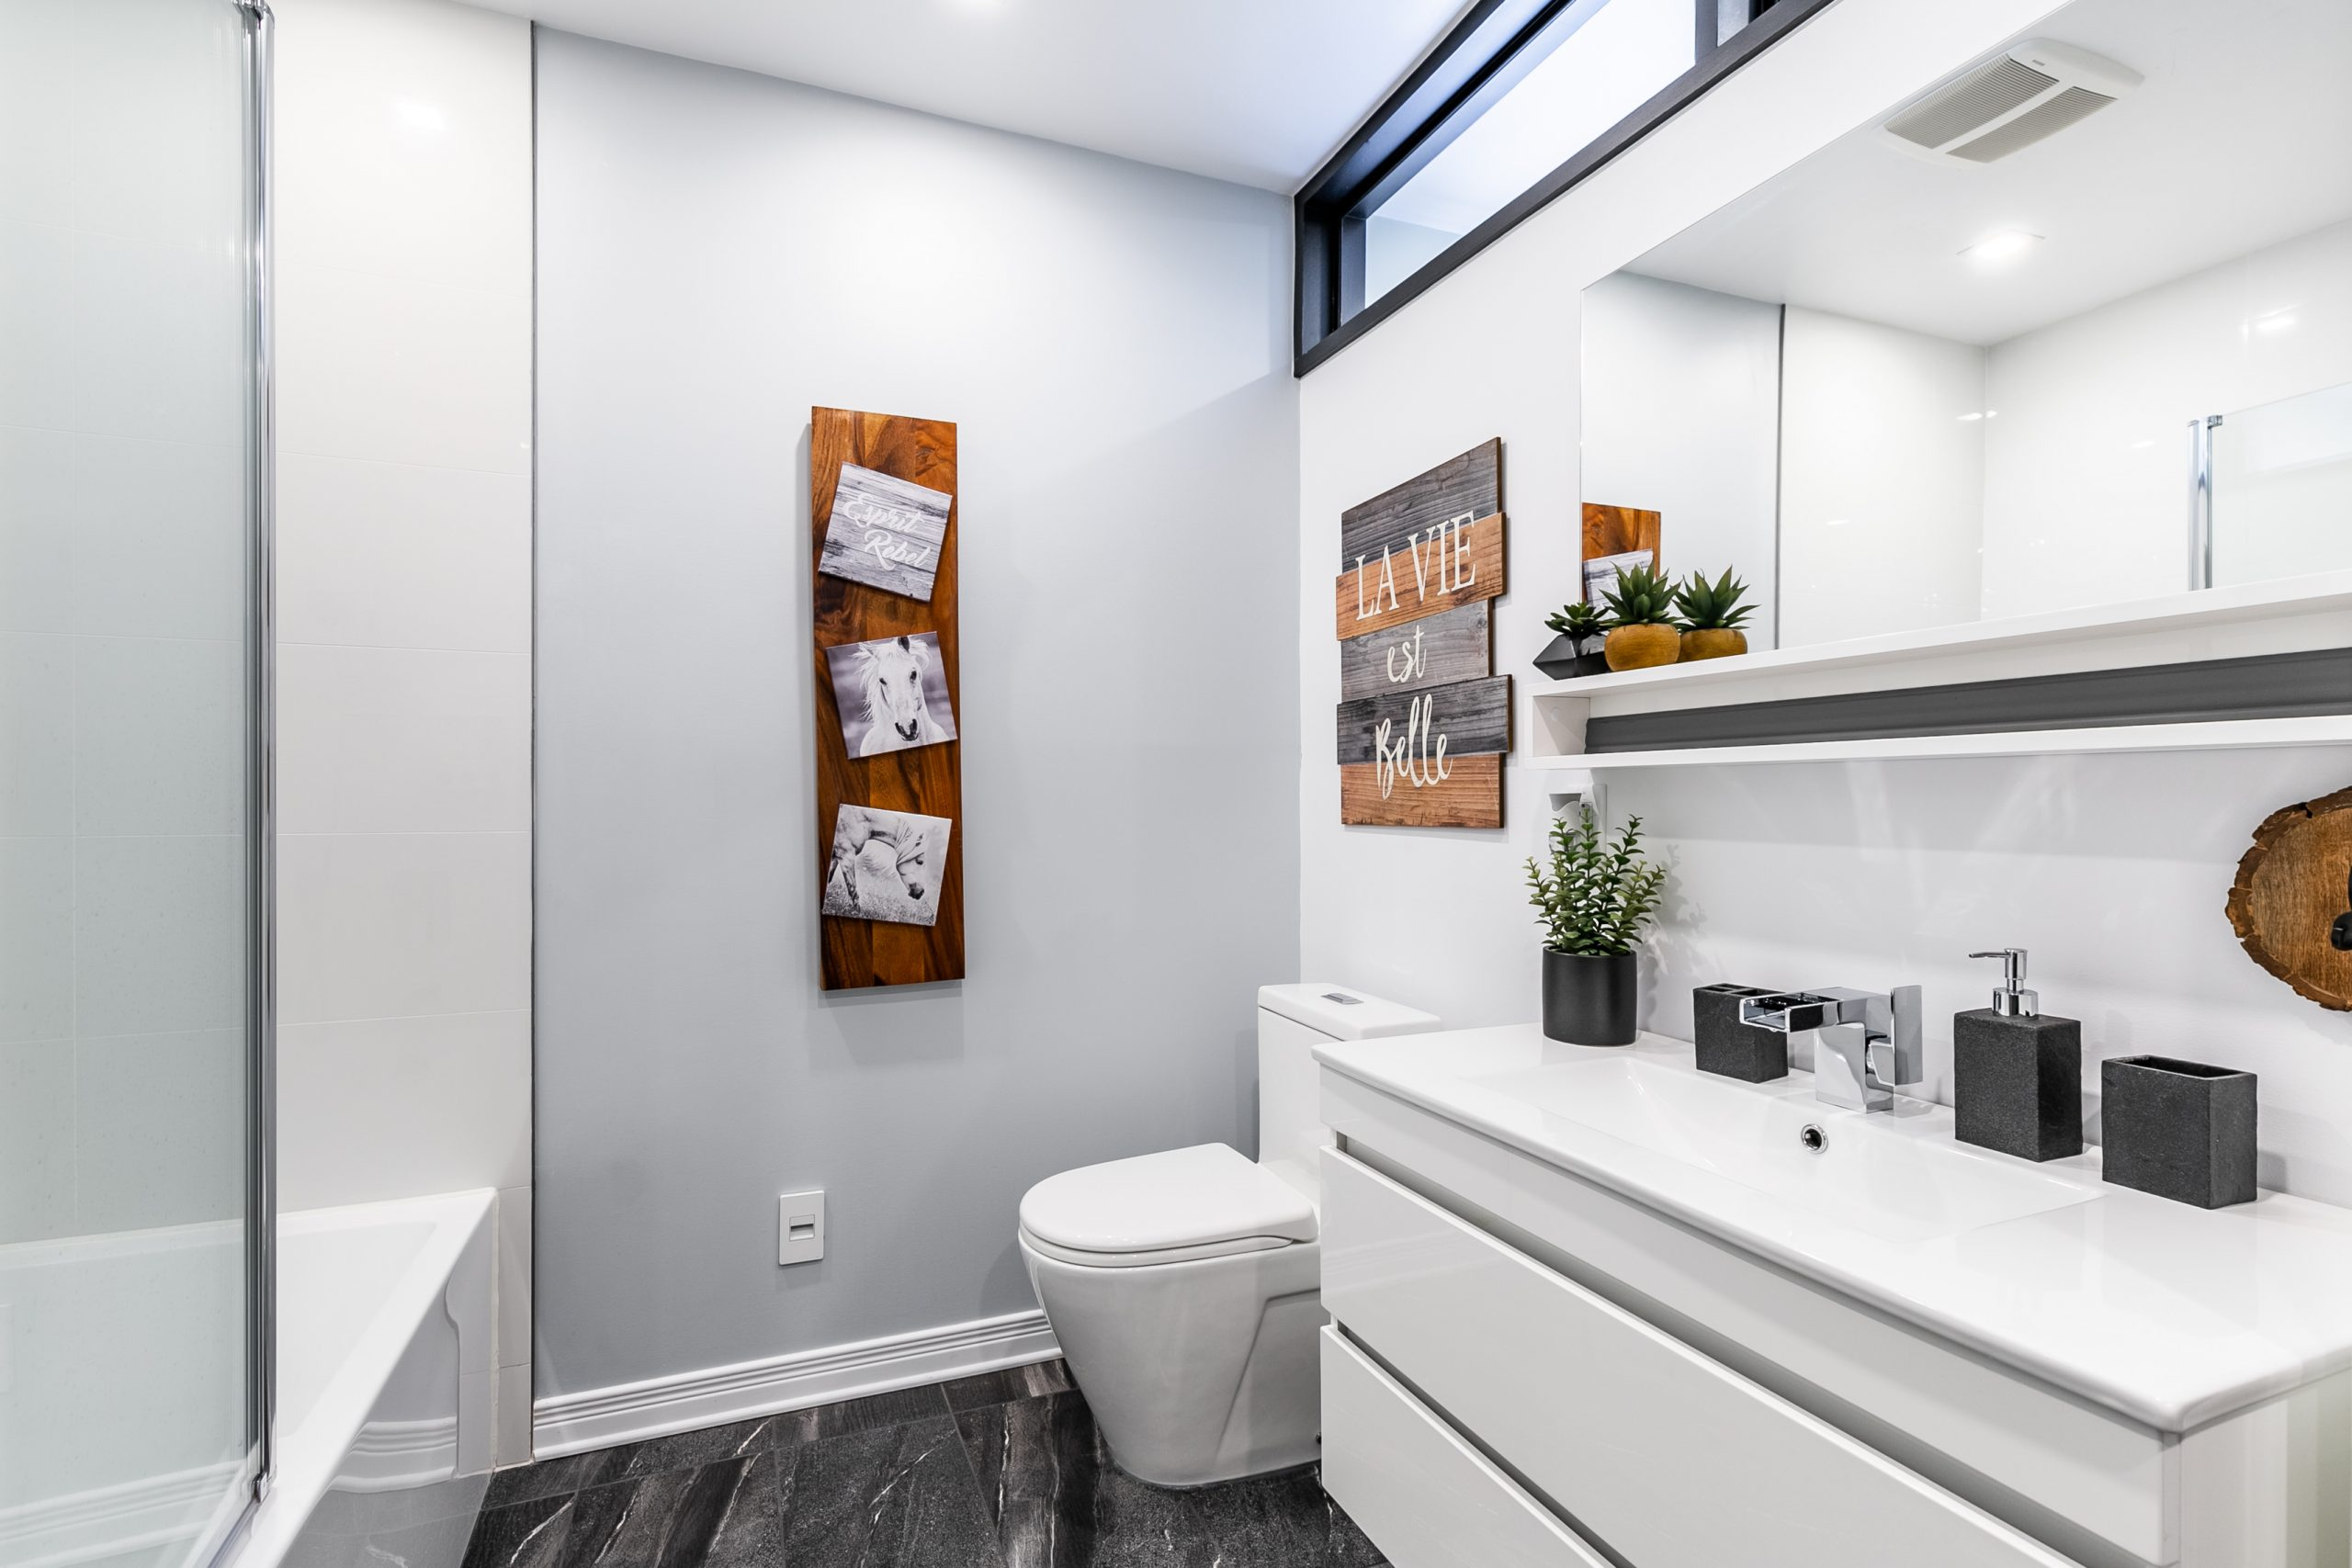 petite salle de bain fonctionnelle et épurée avec toilette et vanité blanche autoportante